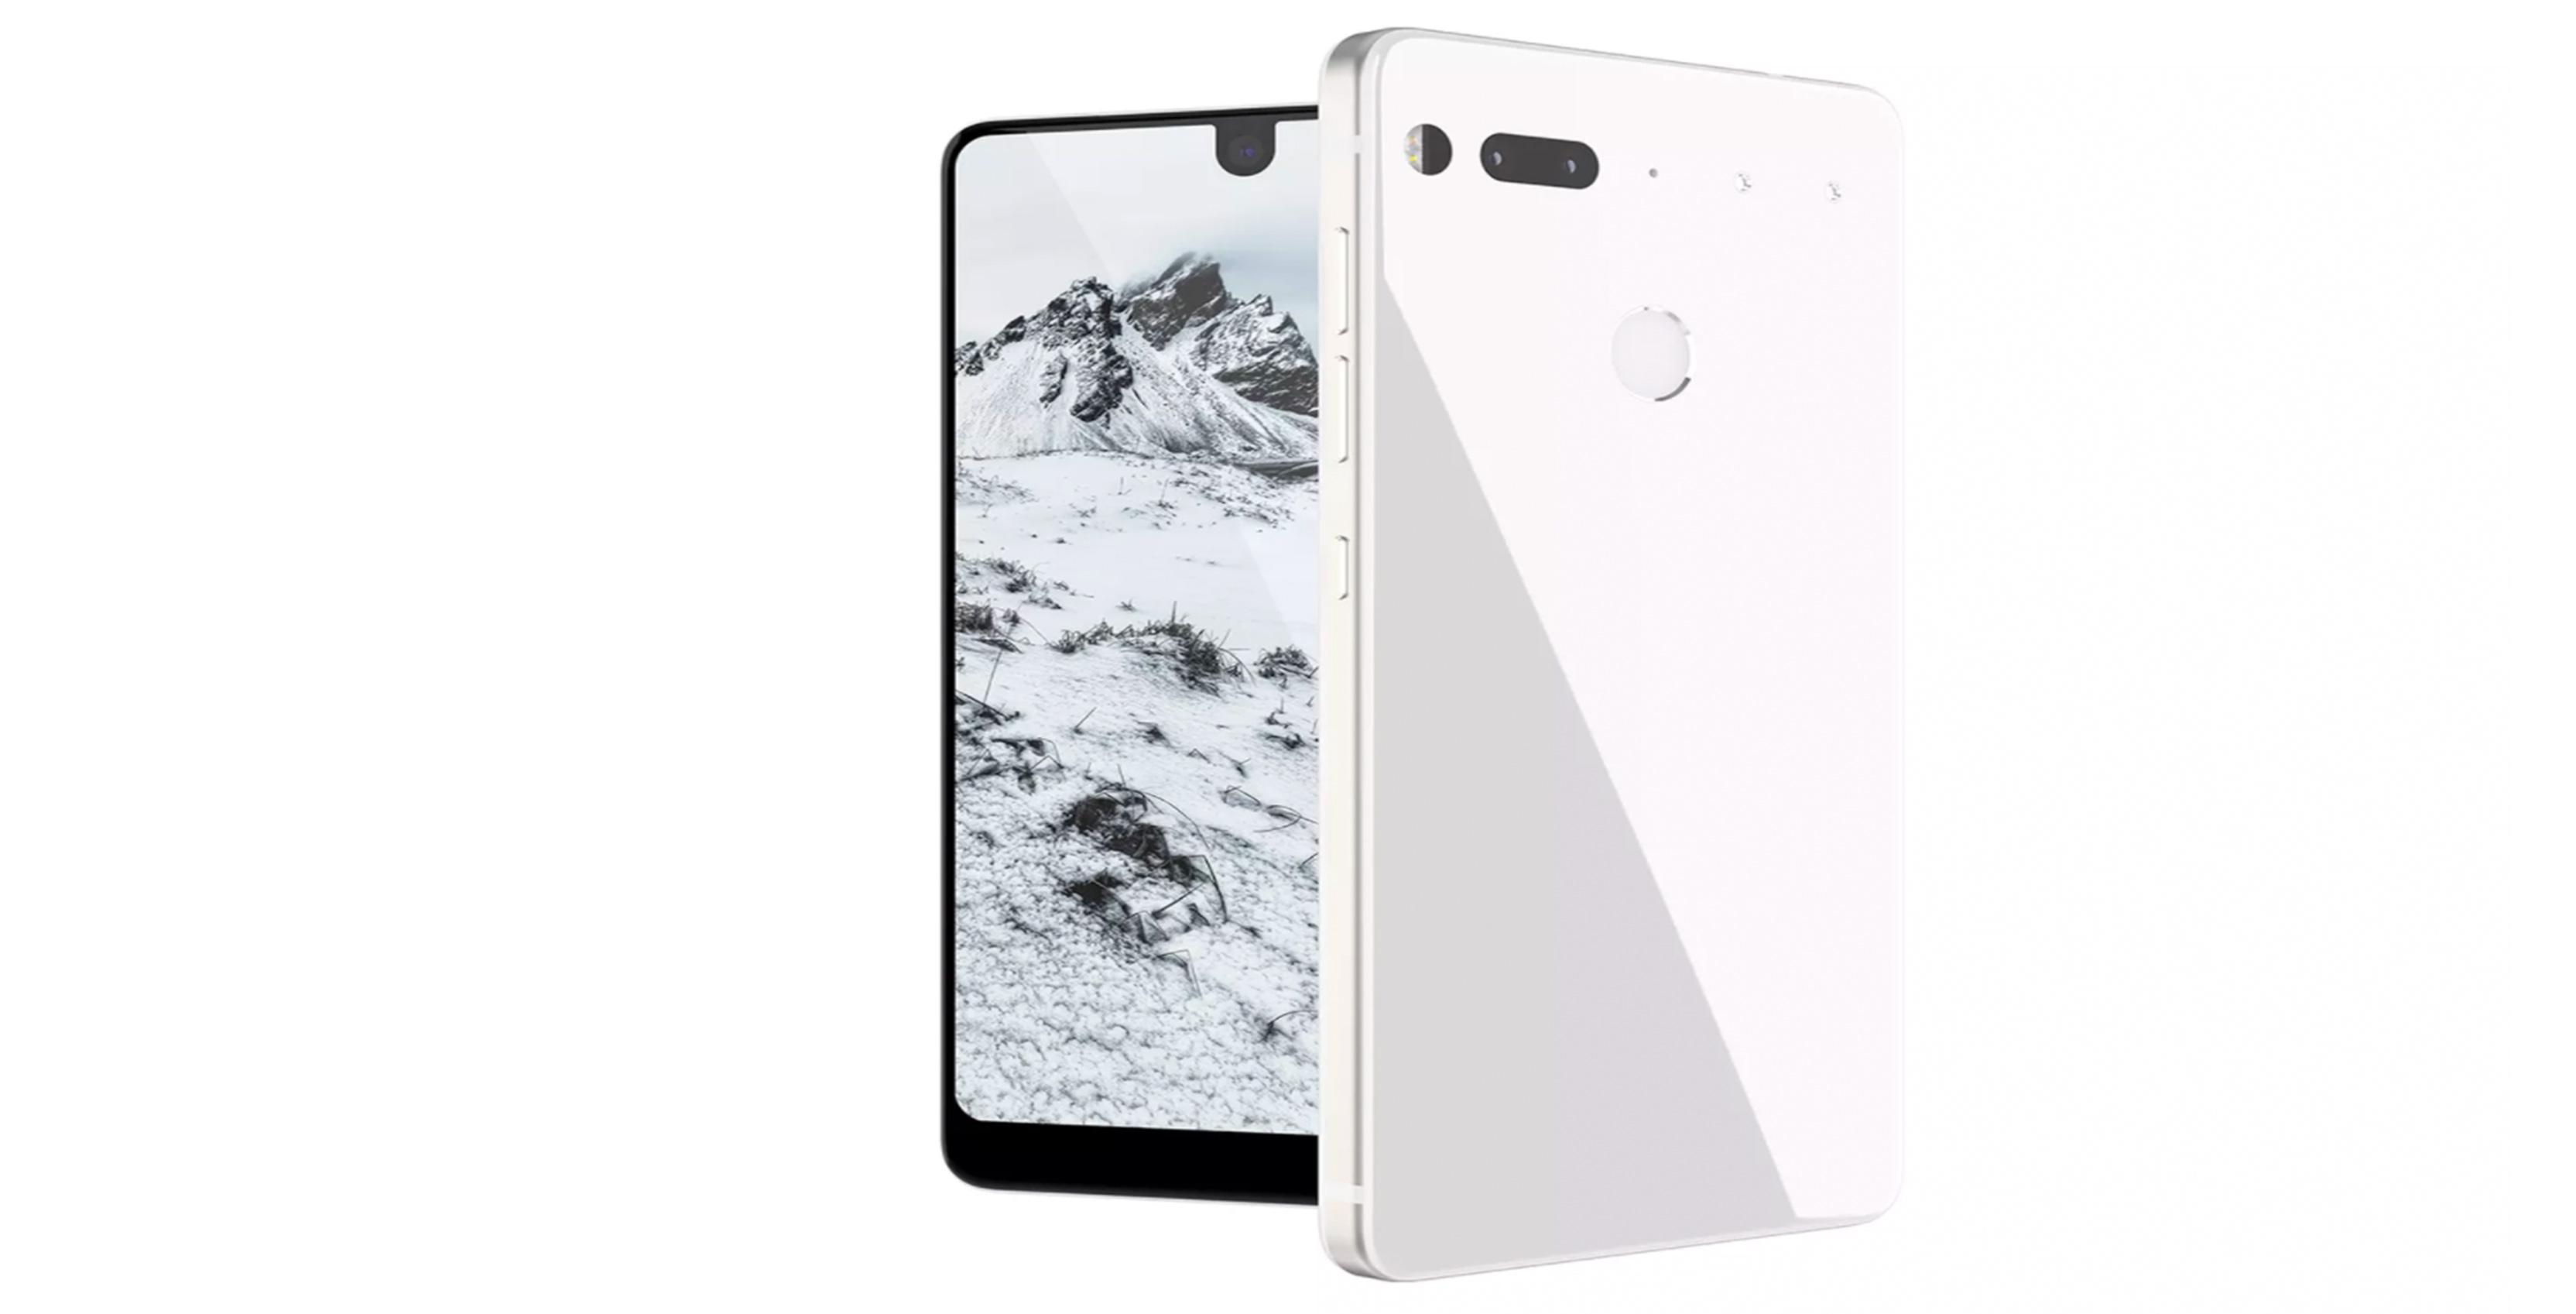 Render of Essential PH1 Phone